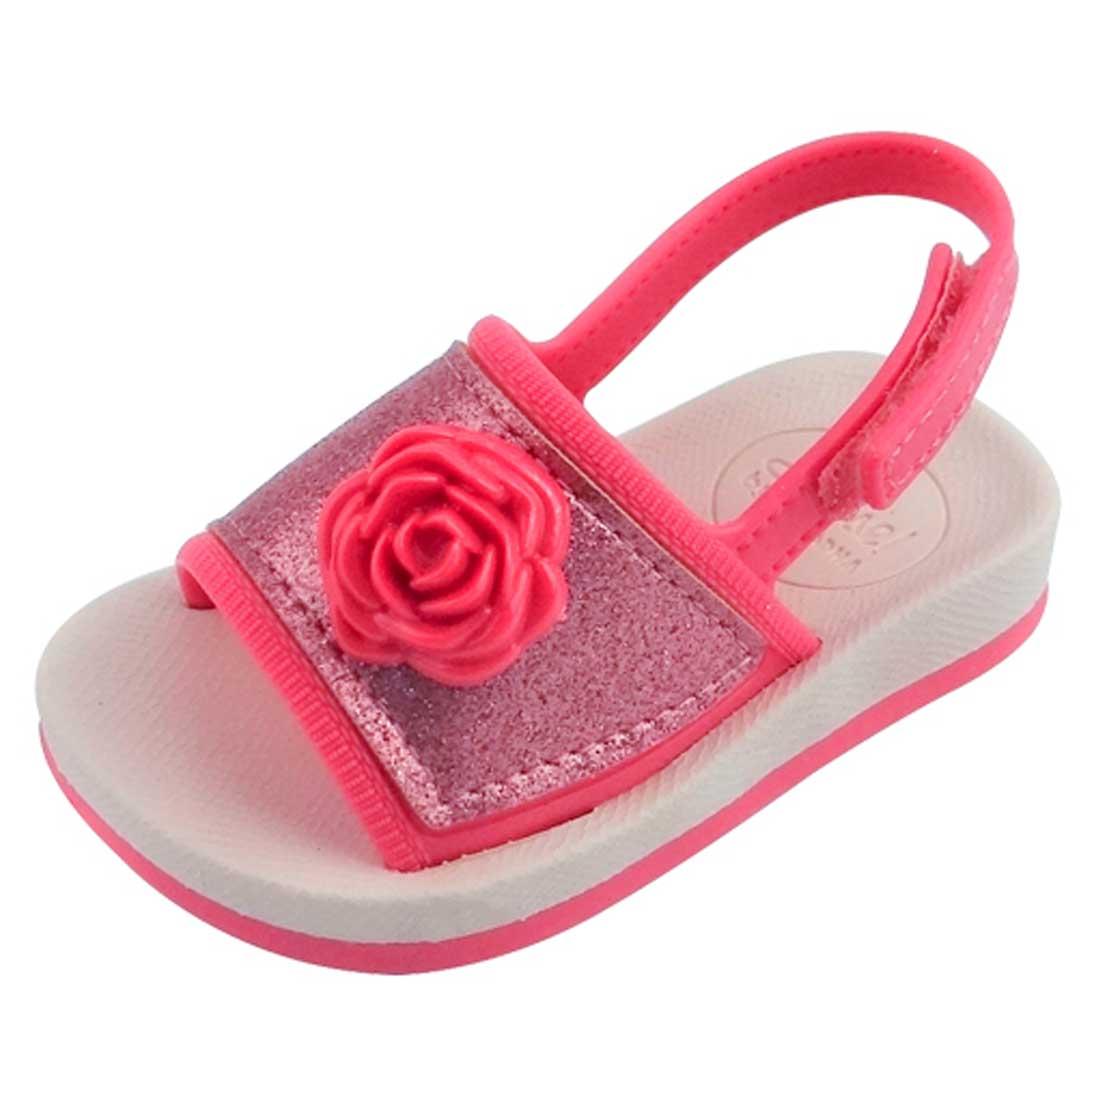 Sandália Baby Sense IV - Pink e Rosa com Glitter